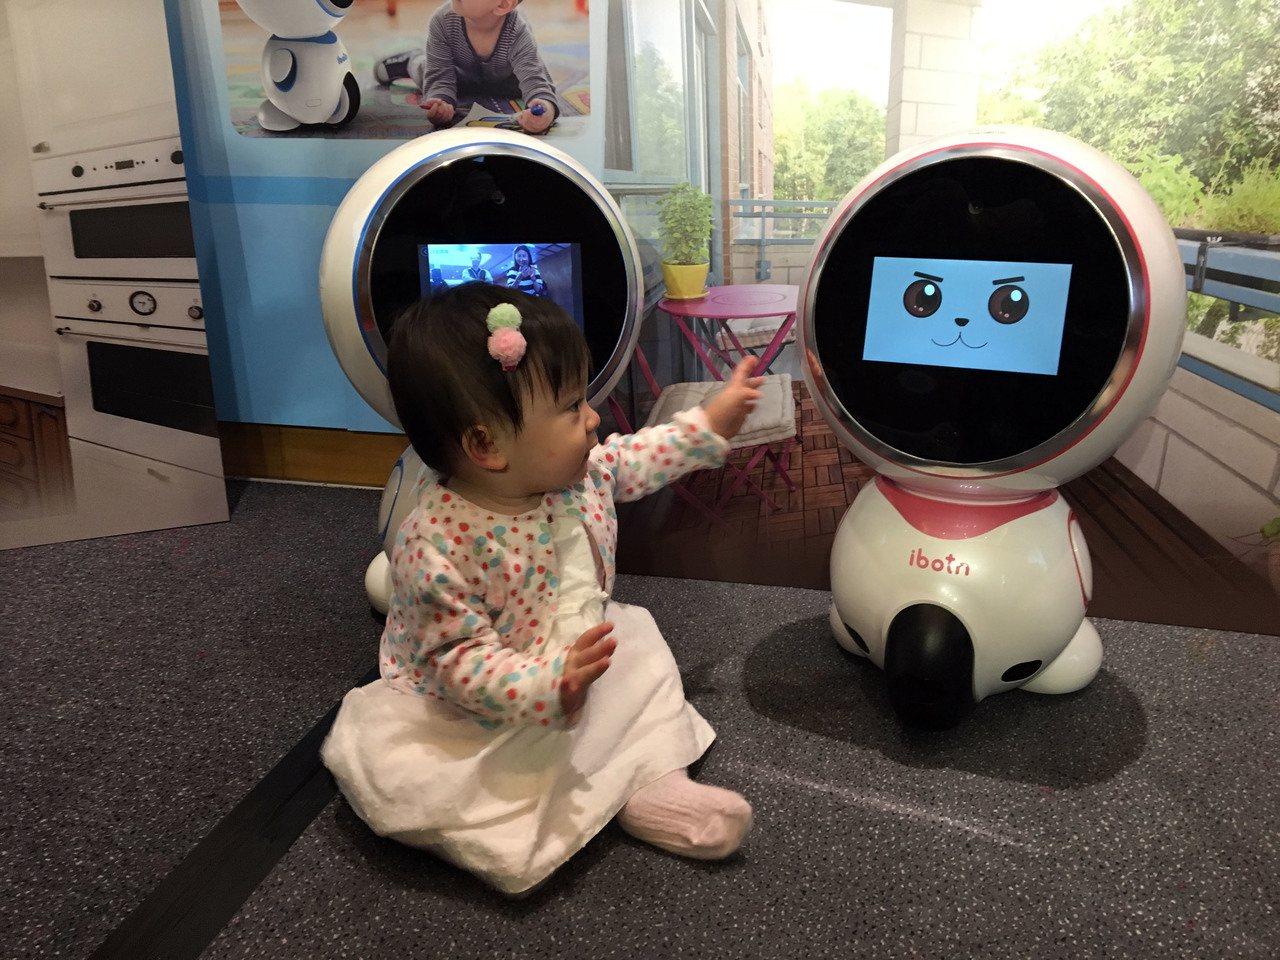 ibotn愛蹦推出幼兒陪伴機器人,具備場景識別、攝影追蹤等功能,鎖定居家安全需求...